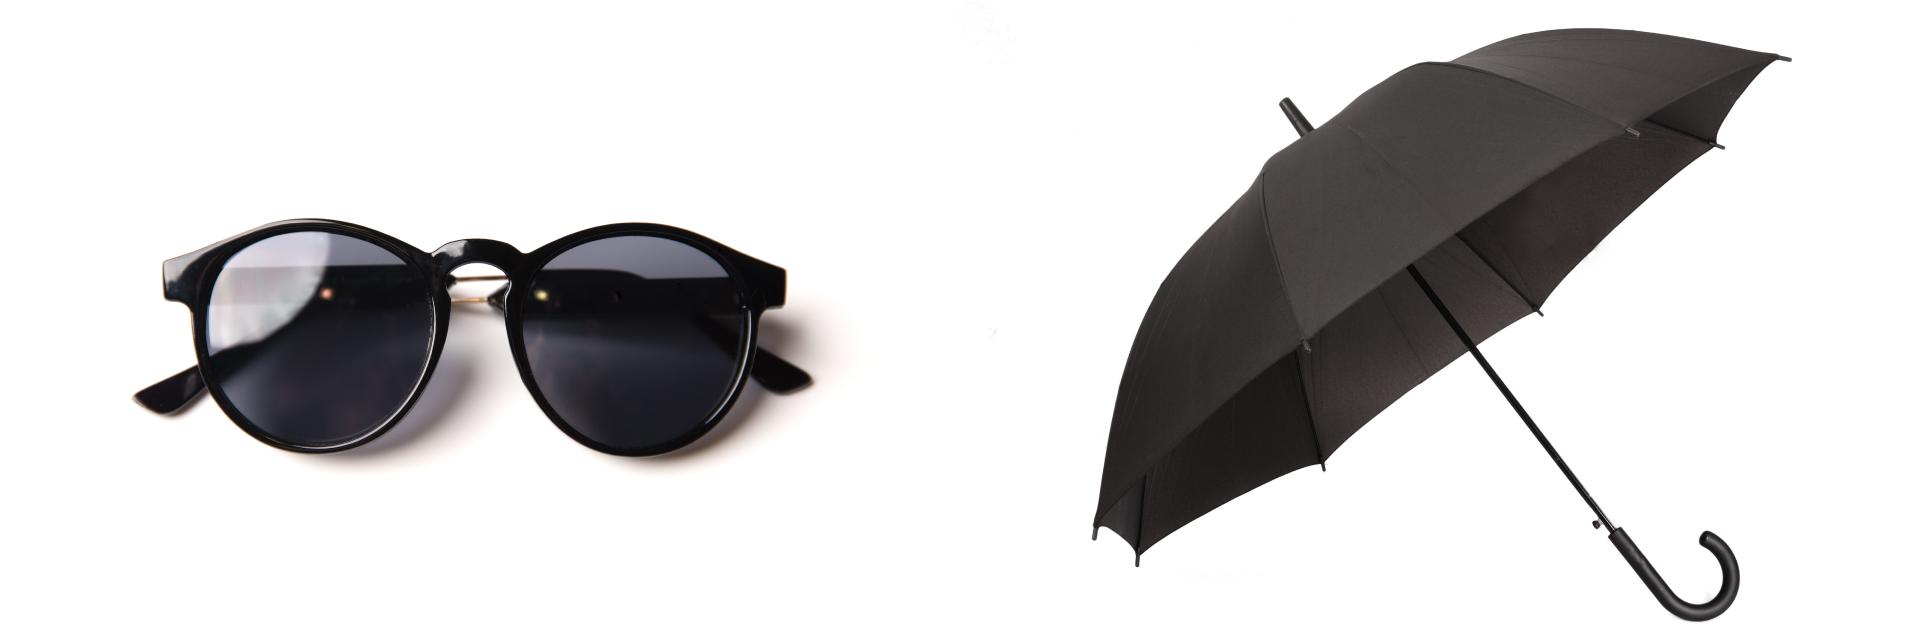 umbrella-sunglasses